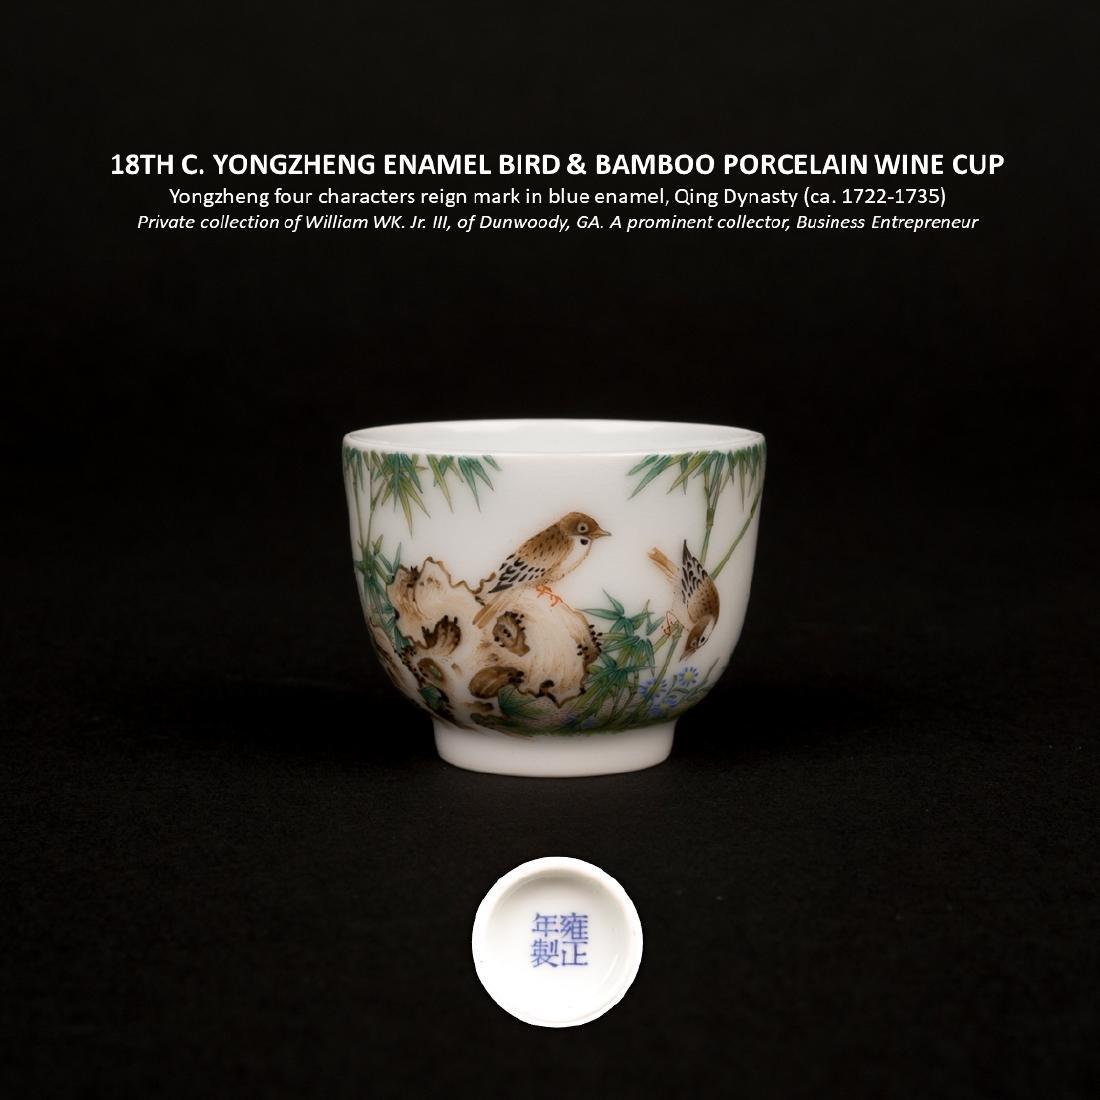 18TH C YONGZHENG ENAMEL BIRD & BAMBOO PORCELAIN WINE